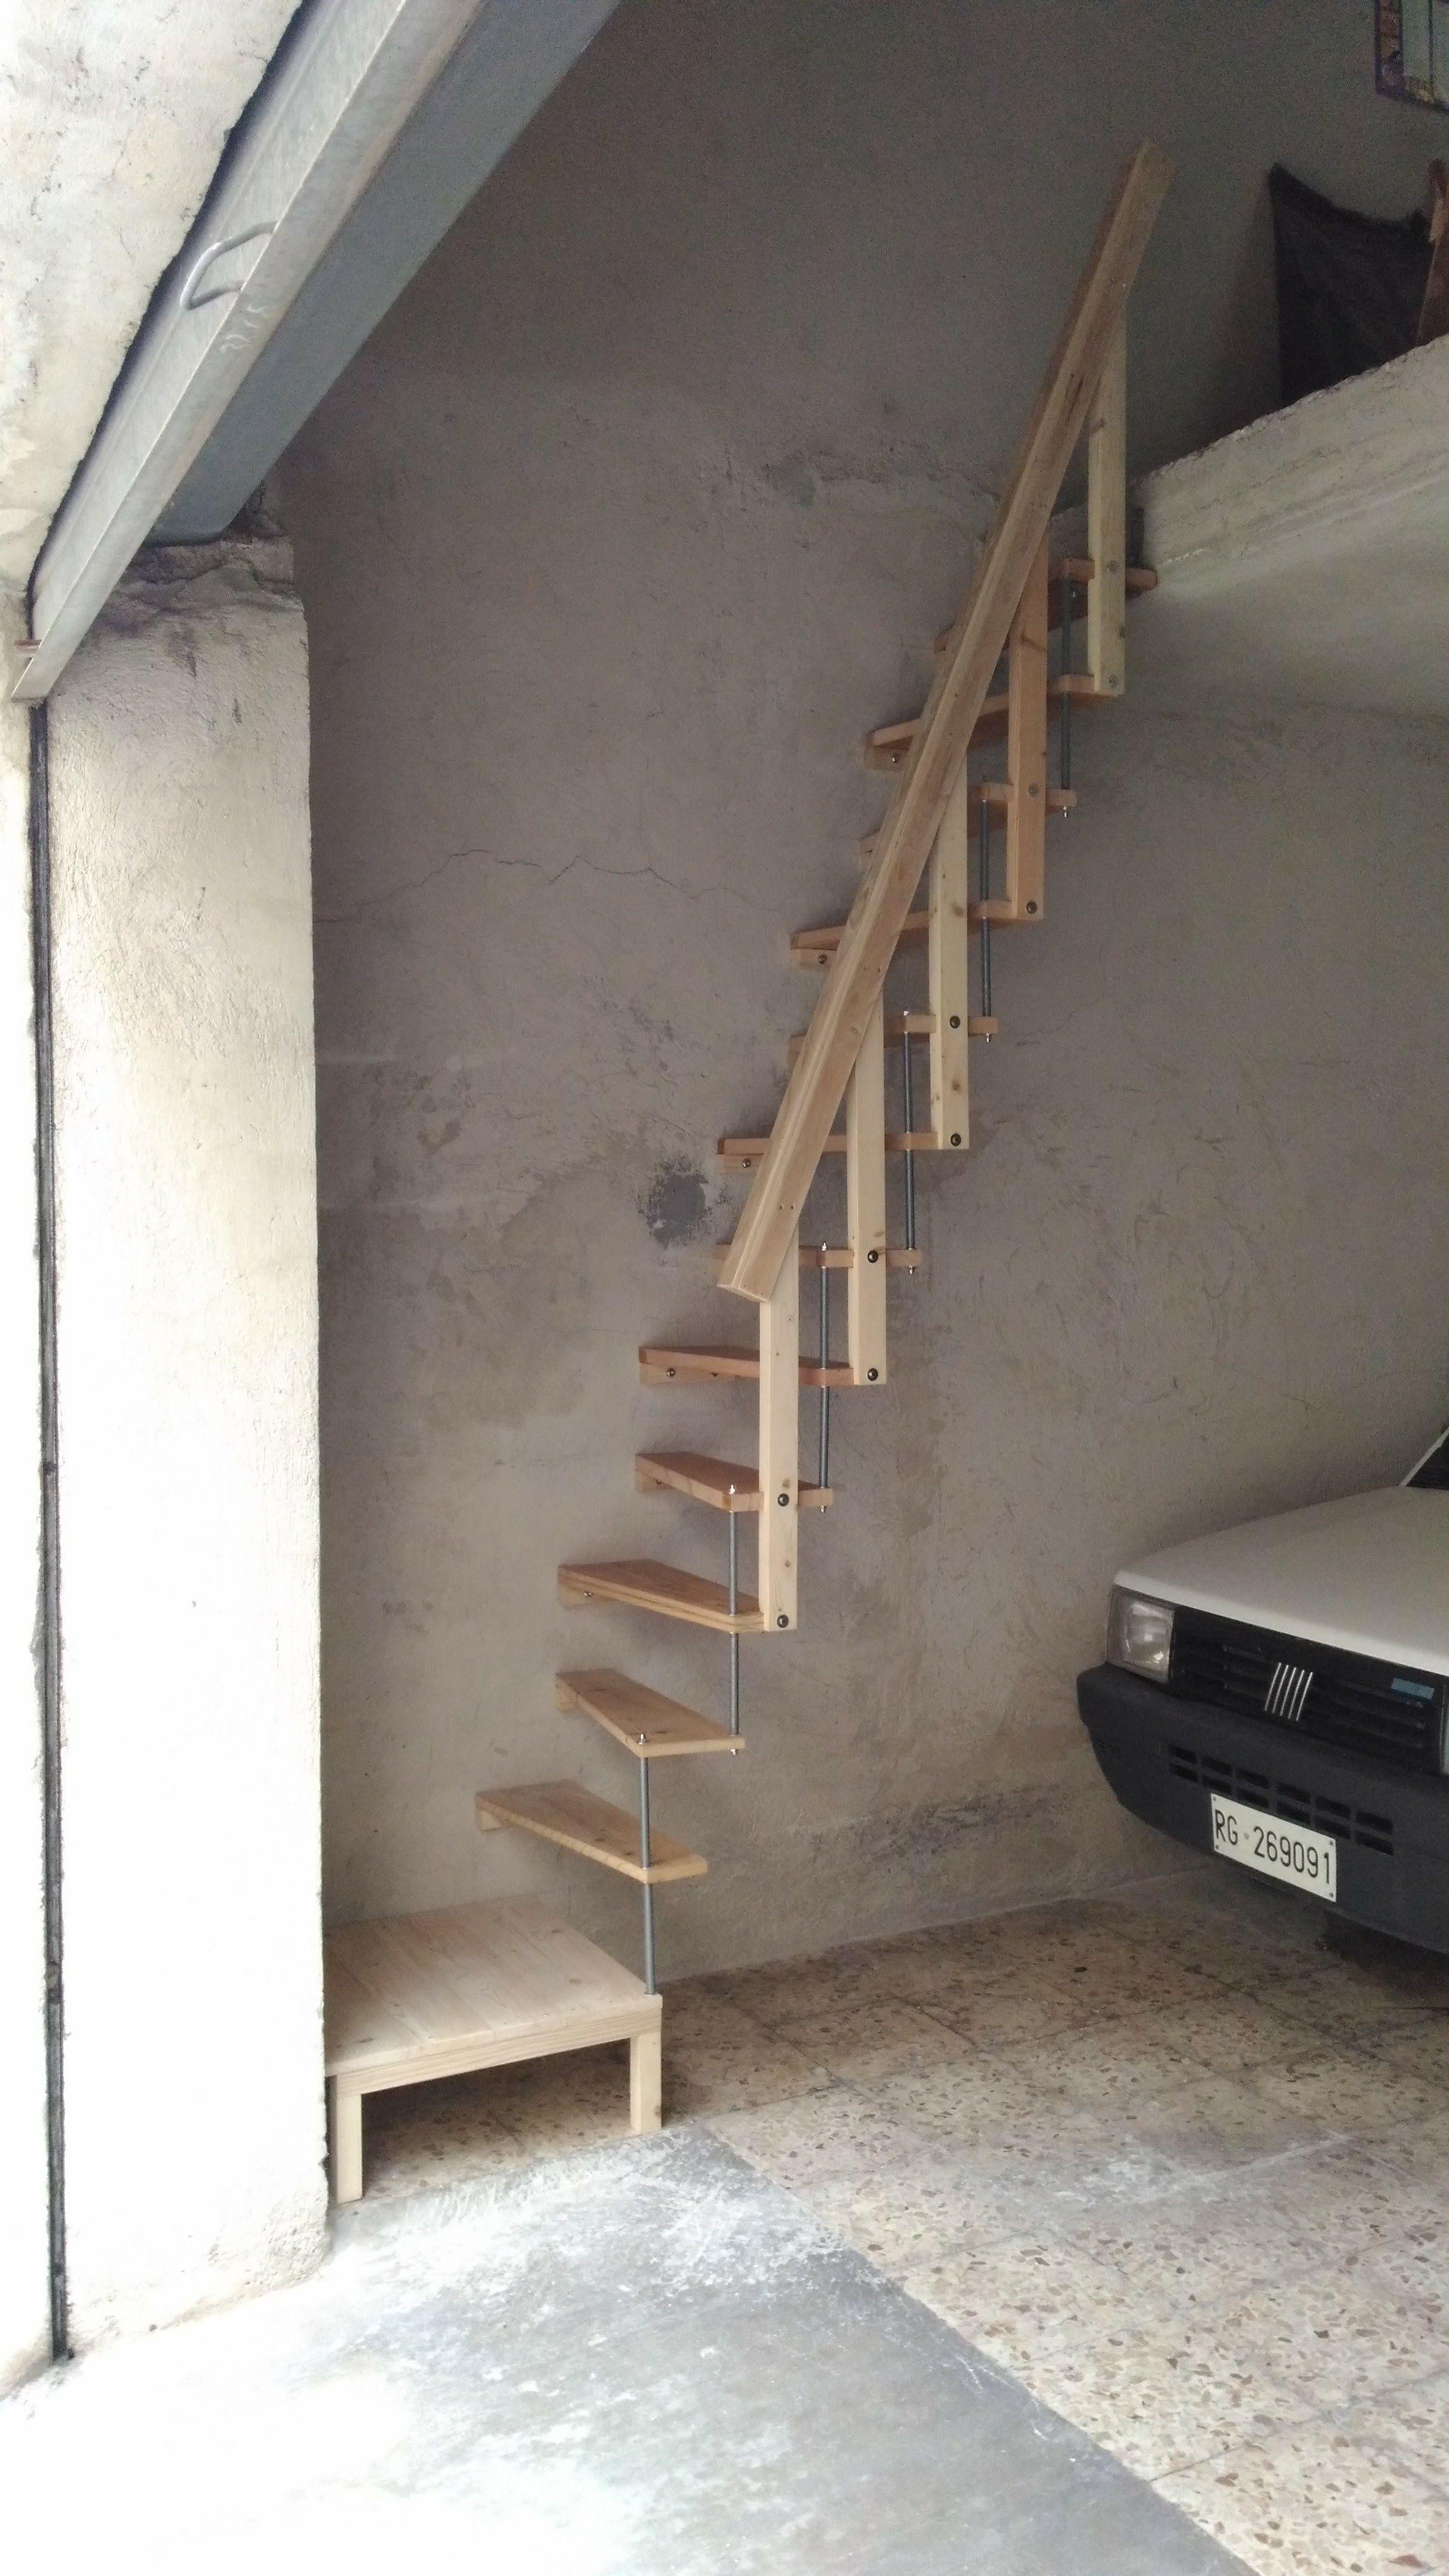 Ringhiera Scala Fai Da Te scala in legno salva-spazio fai da te (con immagini) | scale